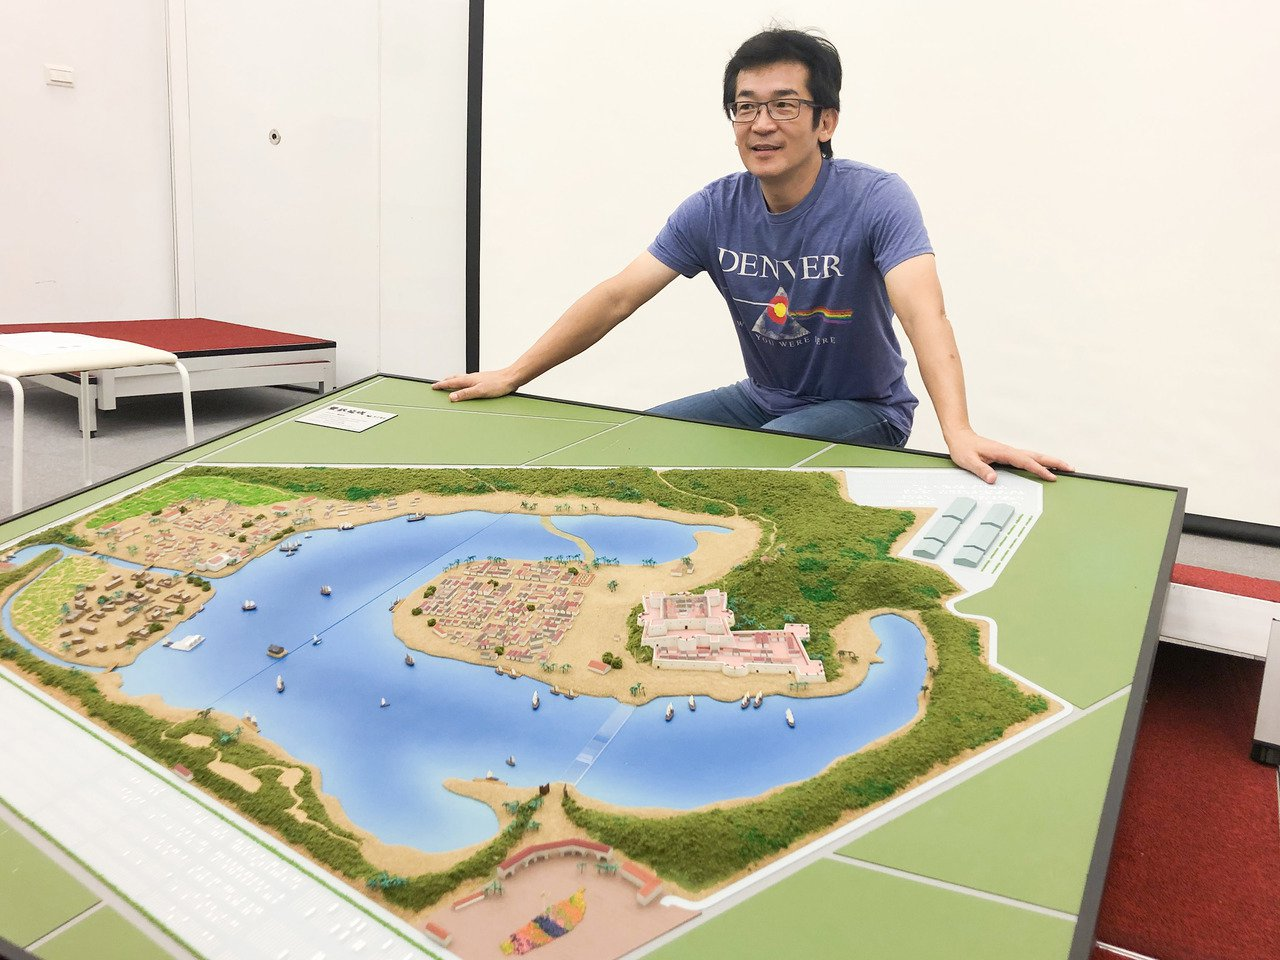 導演魏德聖10月29日說明「豐盛之城」歷史文化園區計畫,整體計畫從他的新片「台灣...